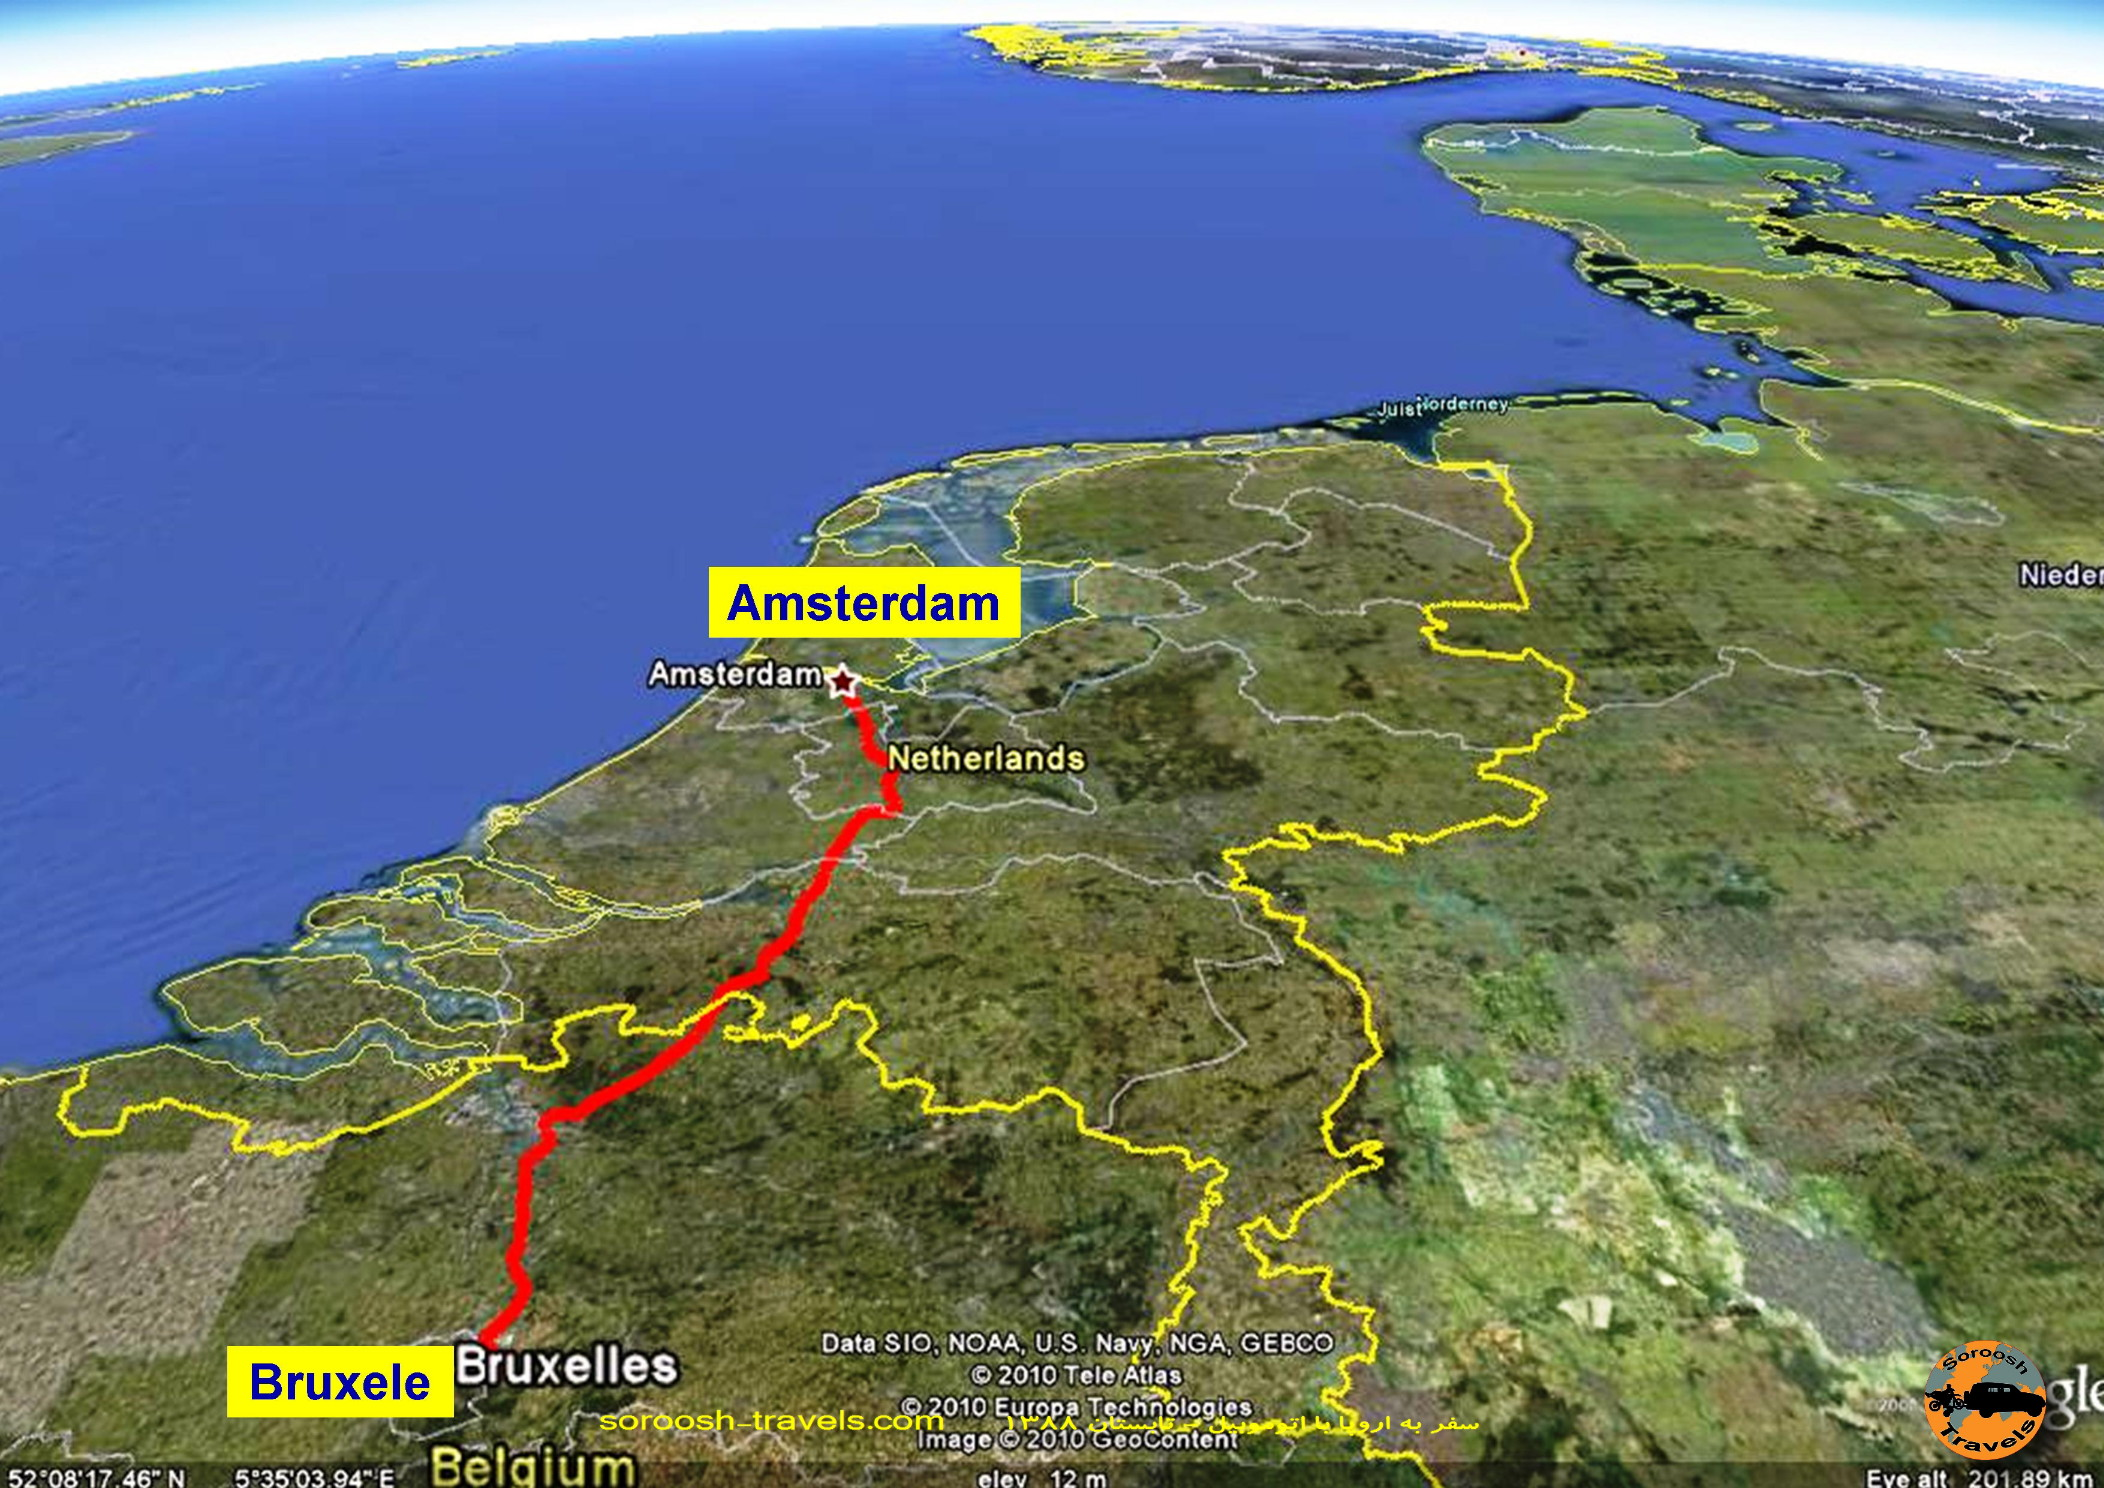 23-shahrivar-1388-14-september-2009-bruxele-in-belgium-to-amsterdam-in-netherland-18